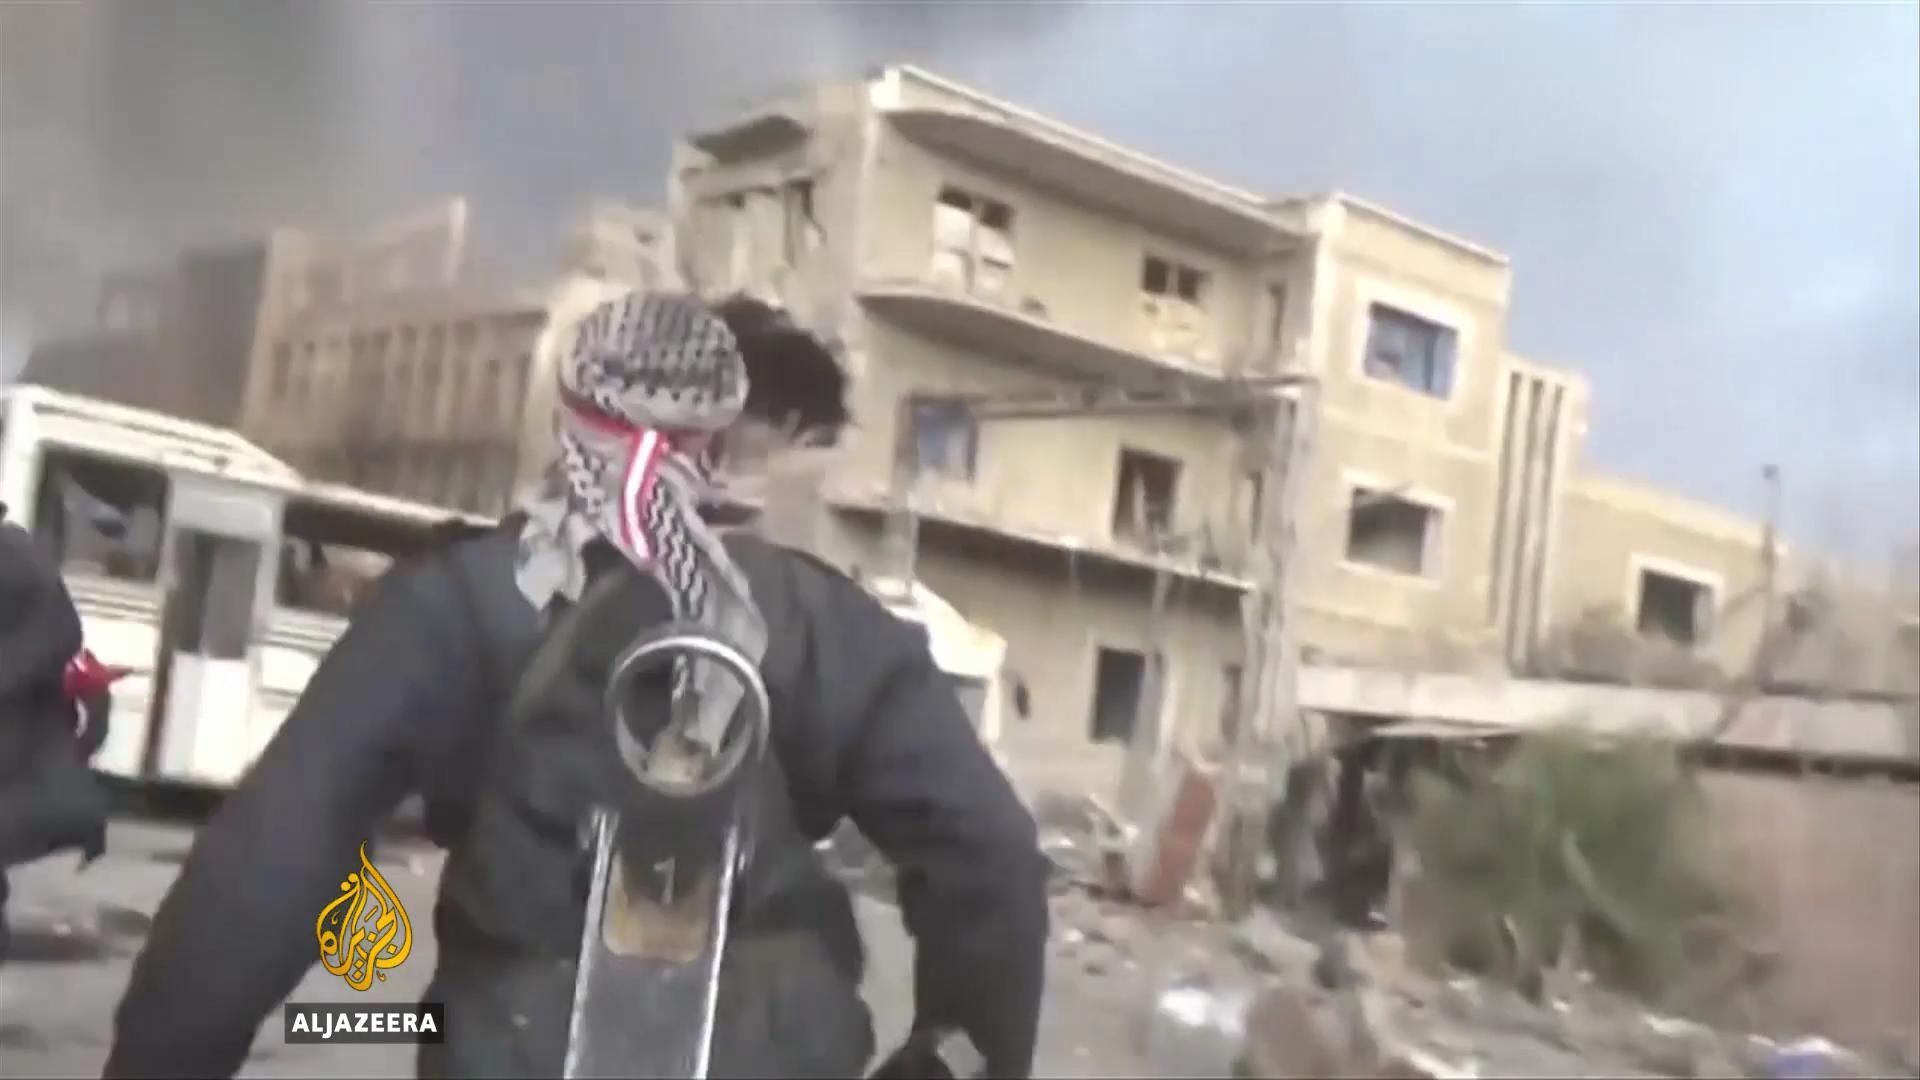 Siria: Ribelli lanciano secondo attacco su Damasco in 3 giorni » Guerre nel Mondo